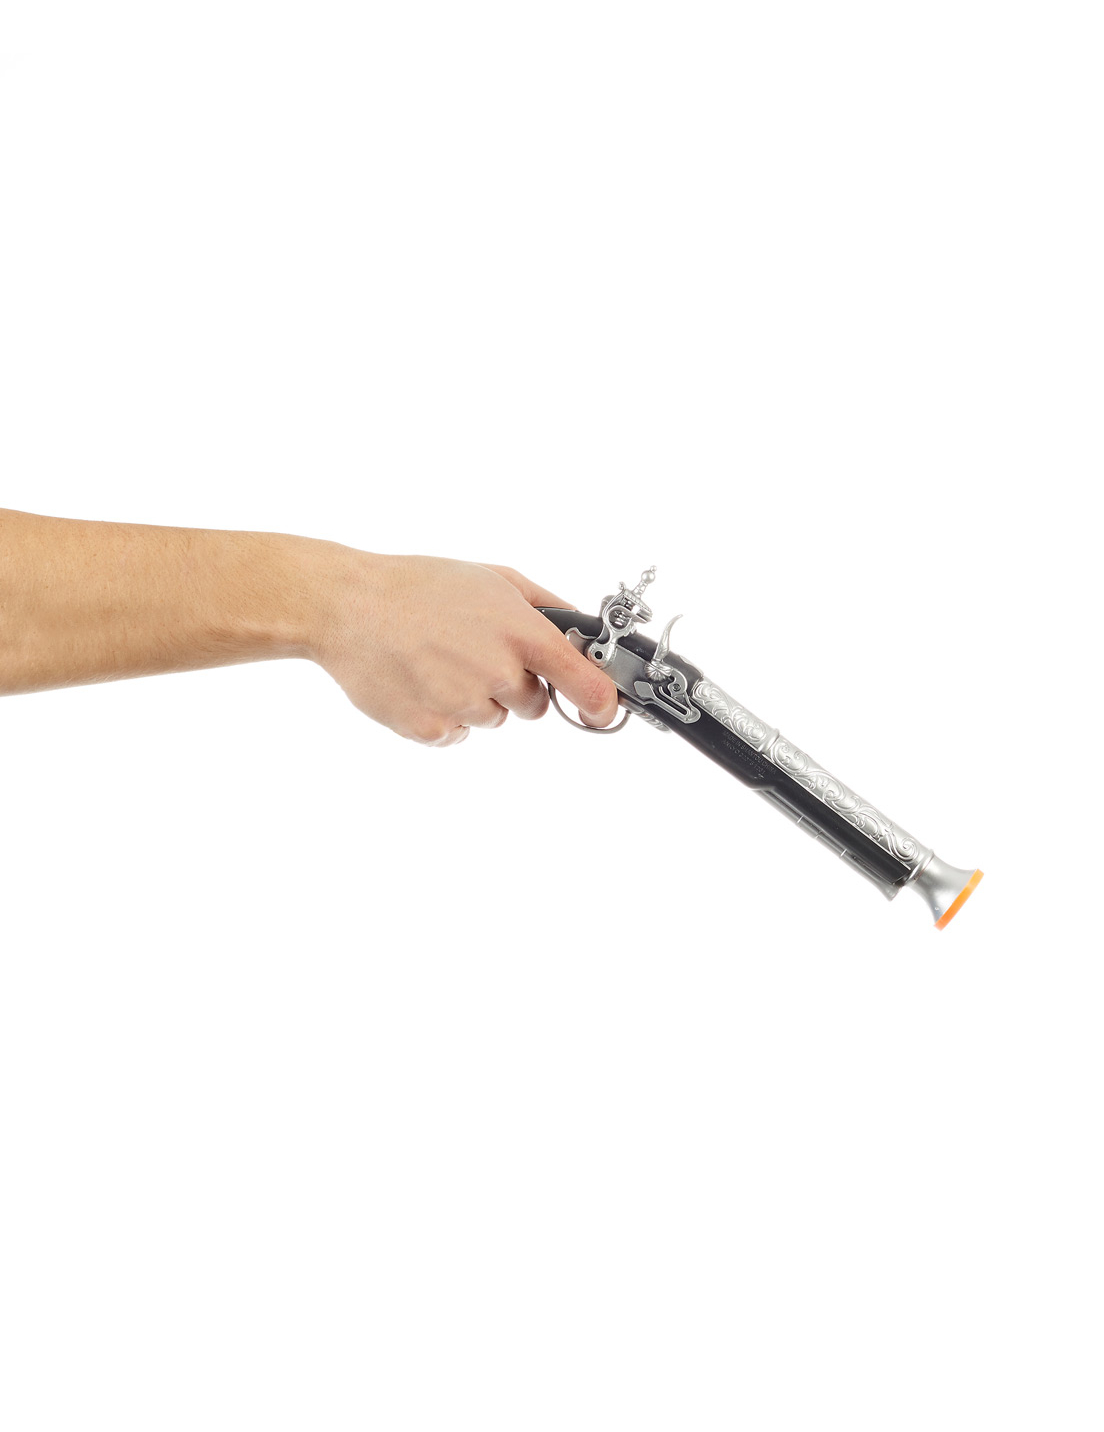 pistolet de pirate enfant en plastique achat de accessoires sur vegaoopro grossiste en. Black Bedroom Furniture Sets. Home Design Ideas